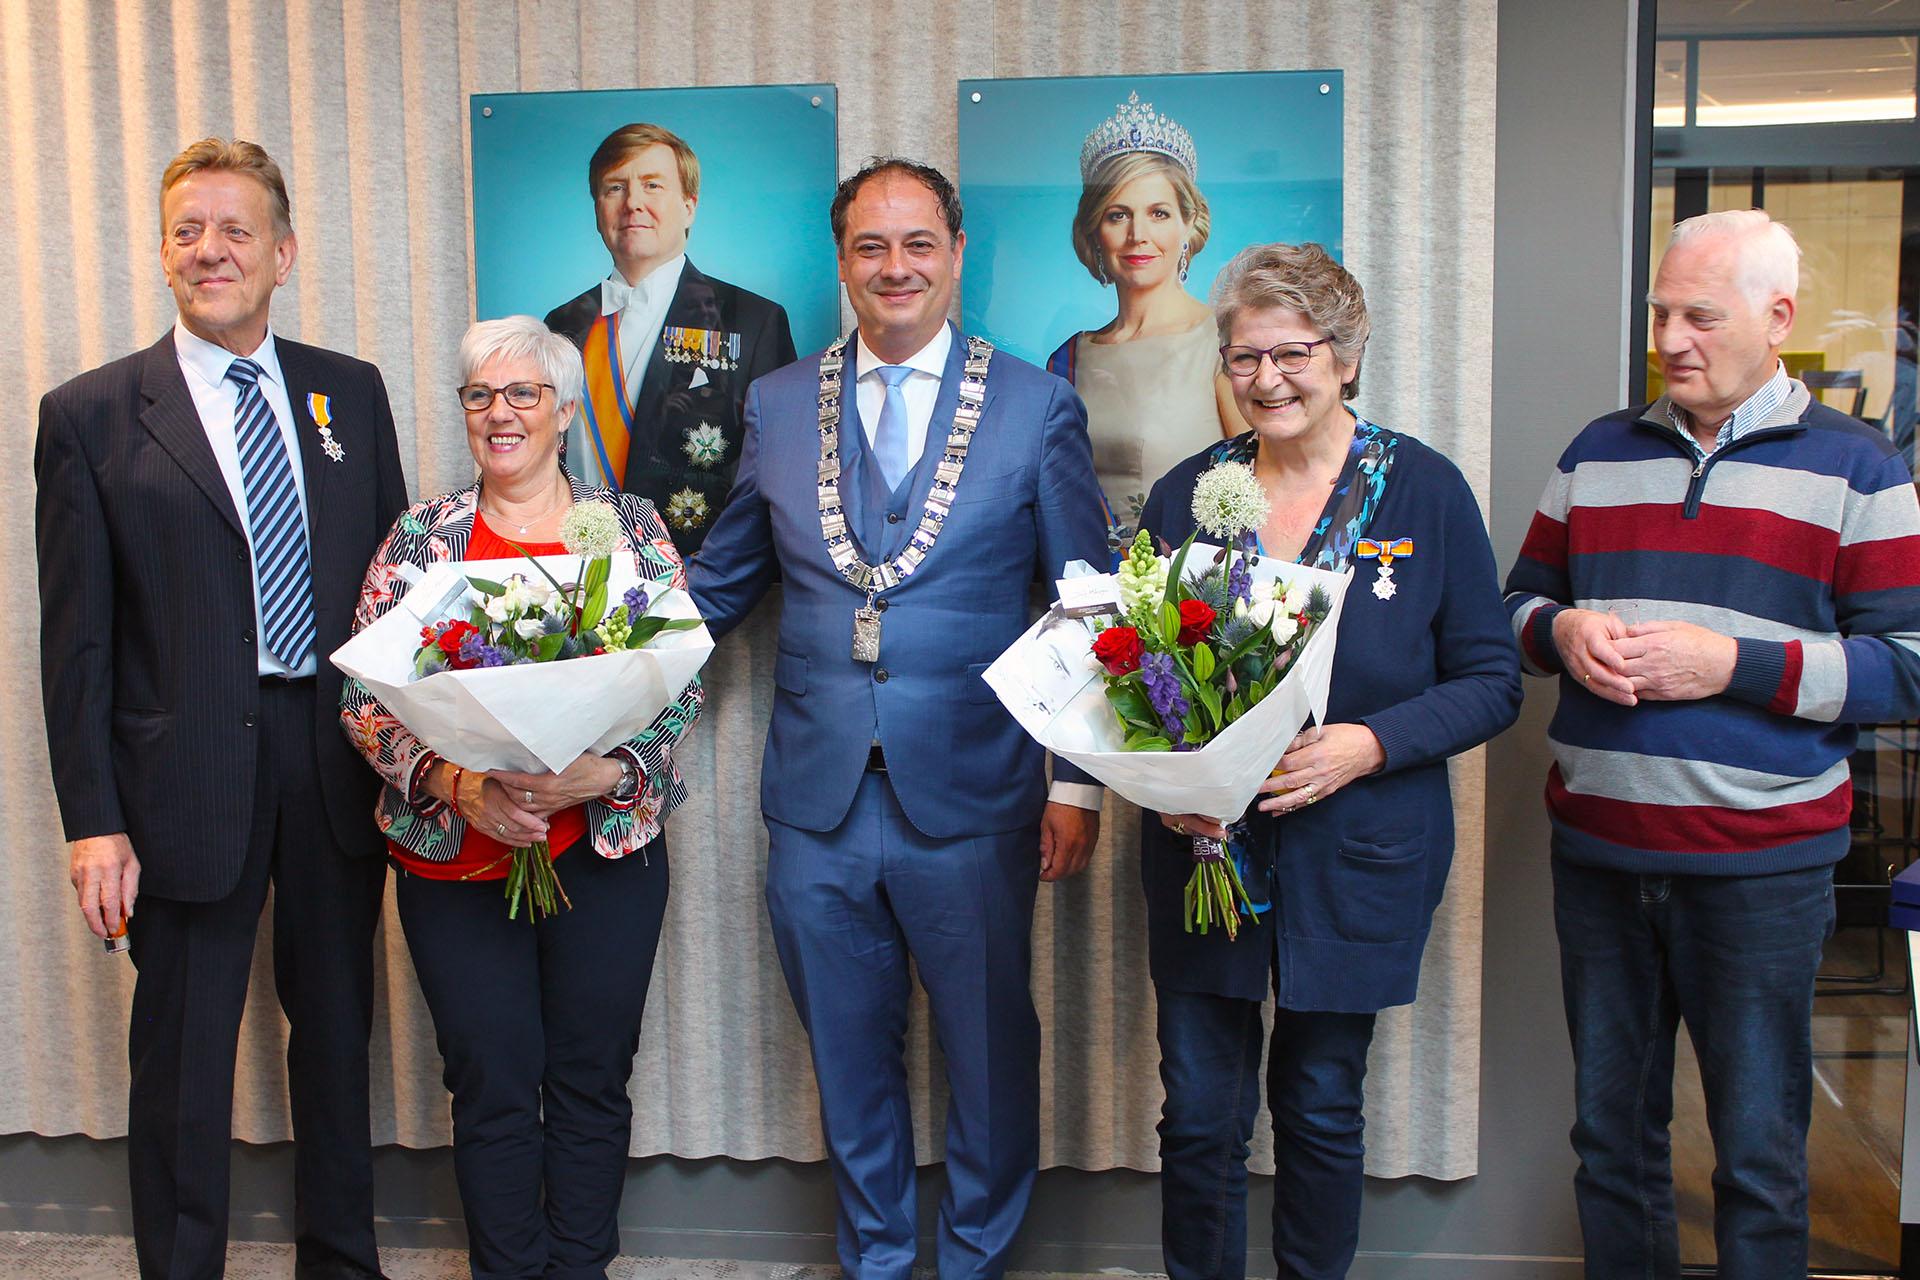 Voedselbank Leusden 2019: Lintje voor Wim Tijmensen en Martje Meerveld